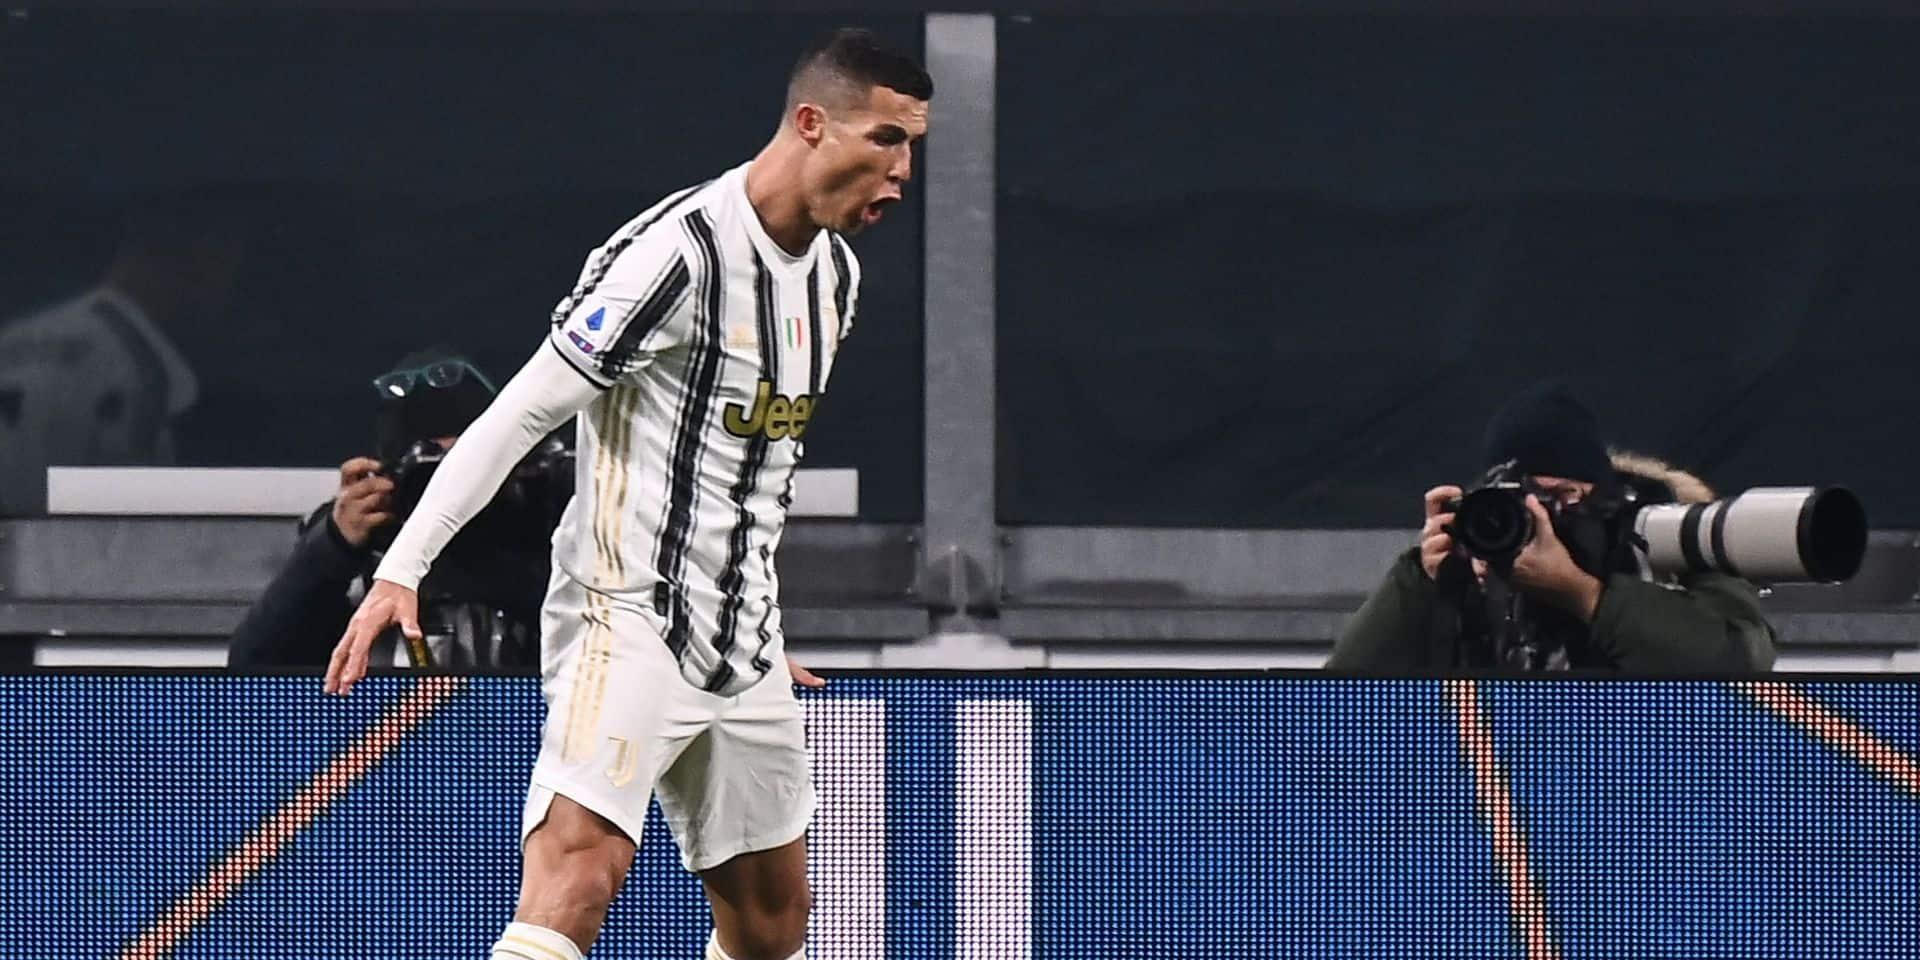 Serie A : la Juventus se relance contre l'Udinese avec un doublé de Ronaldo